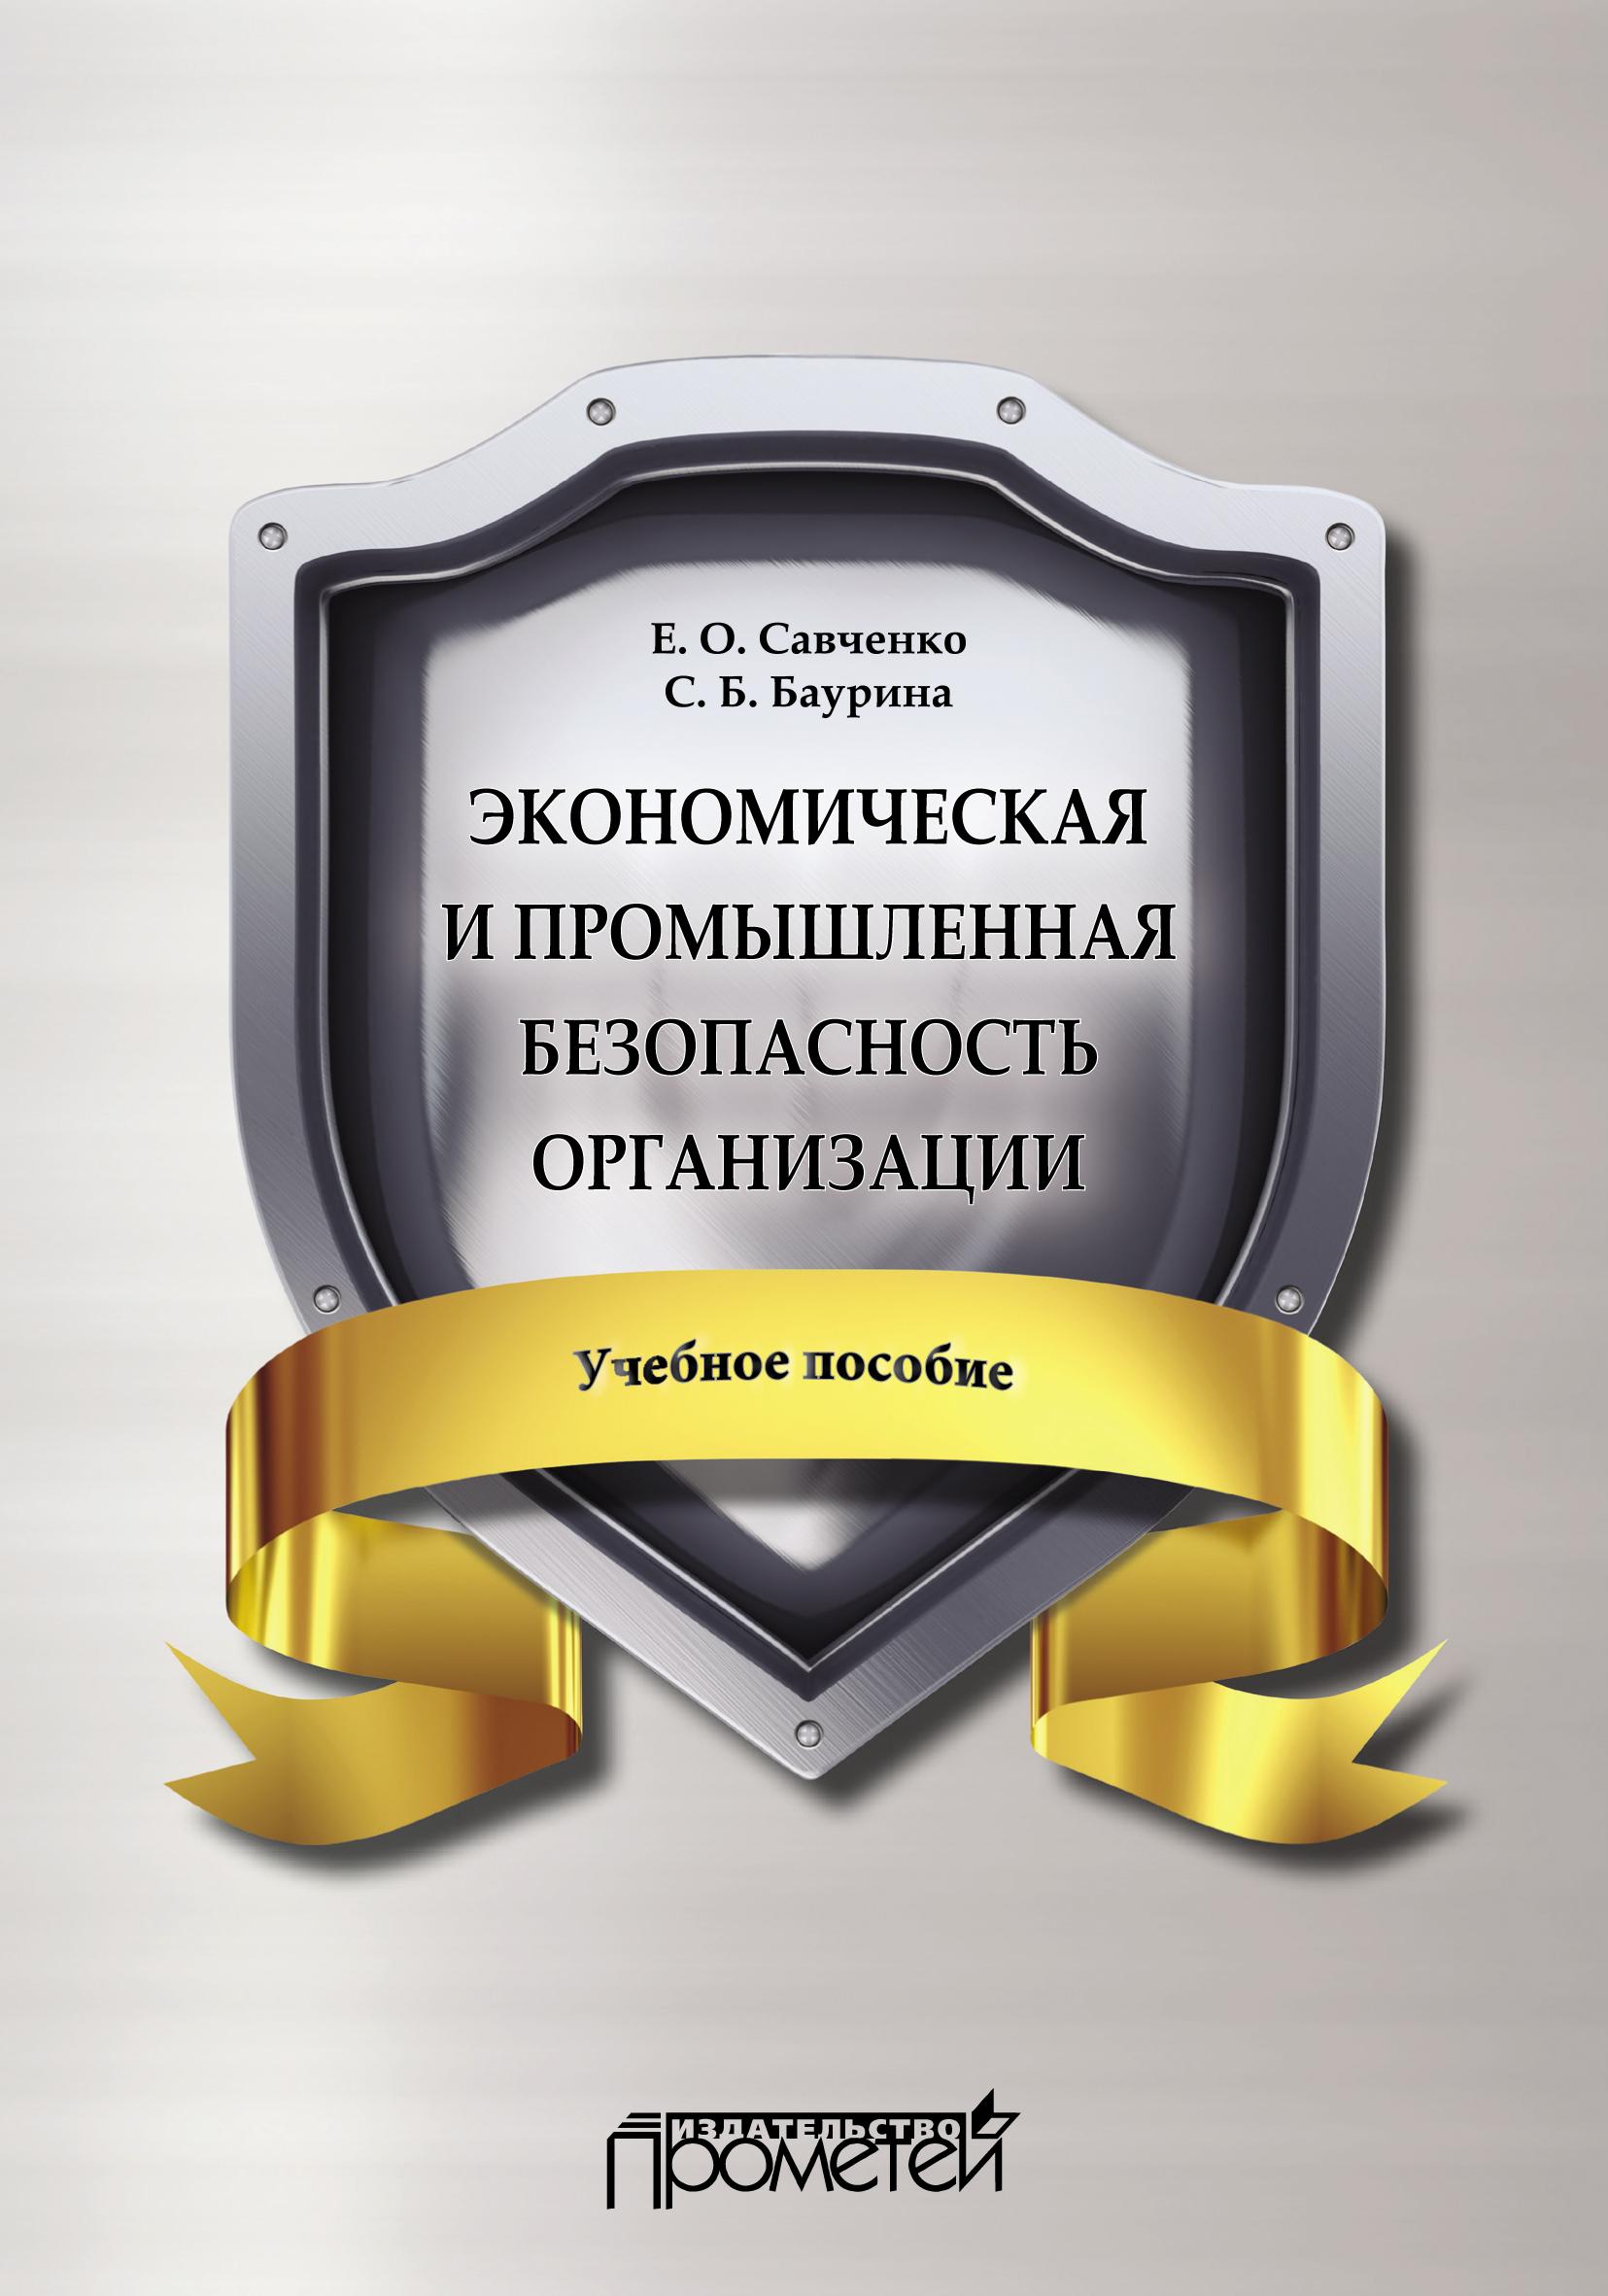 Е. О. Савченко Экономическая и промышленная безопасность организации